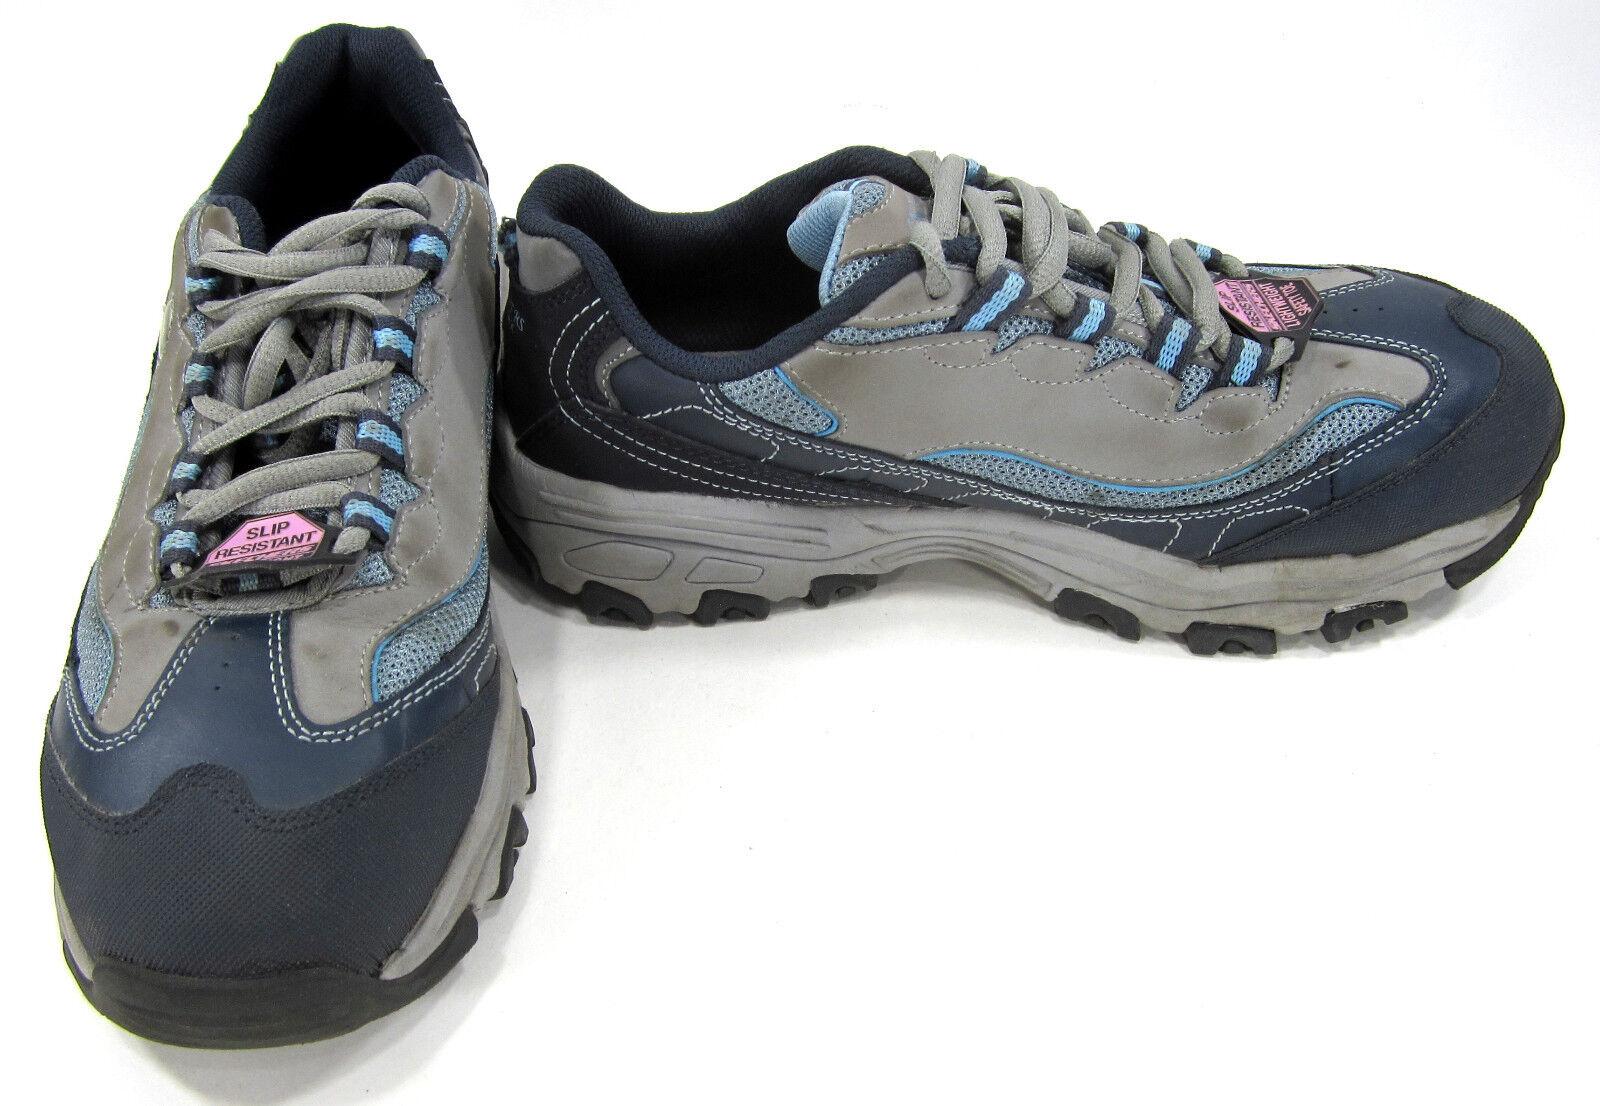 Skechers Zapatos para mujer d'lites Sr Pooler Aleación gris Azul Azul Azul Marino Zapatillas Deportivas Para Mujer 7.5  mejor calidad